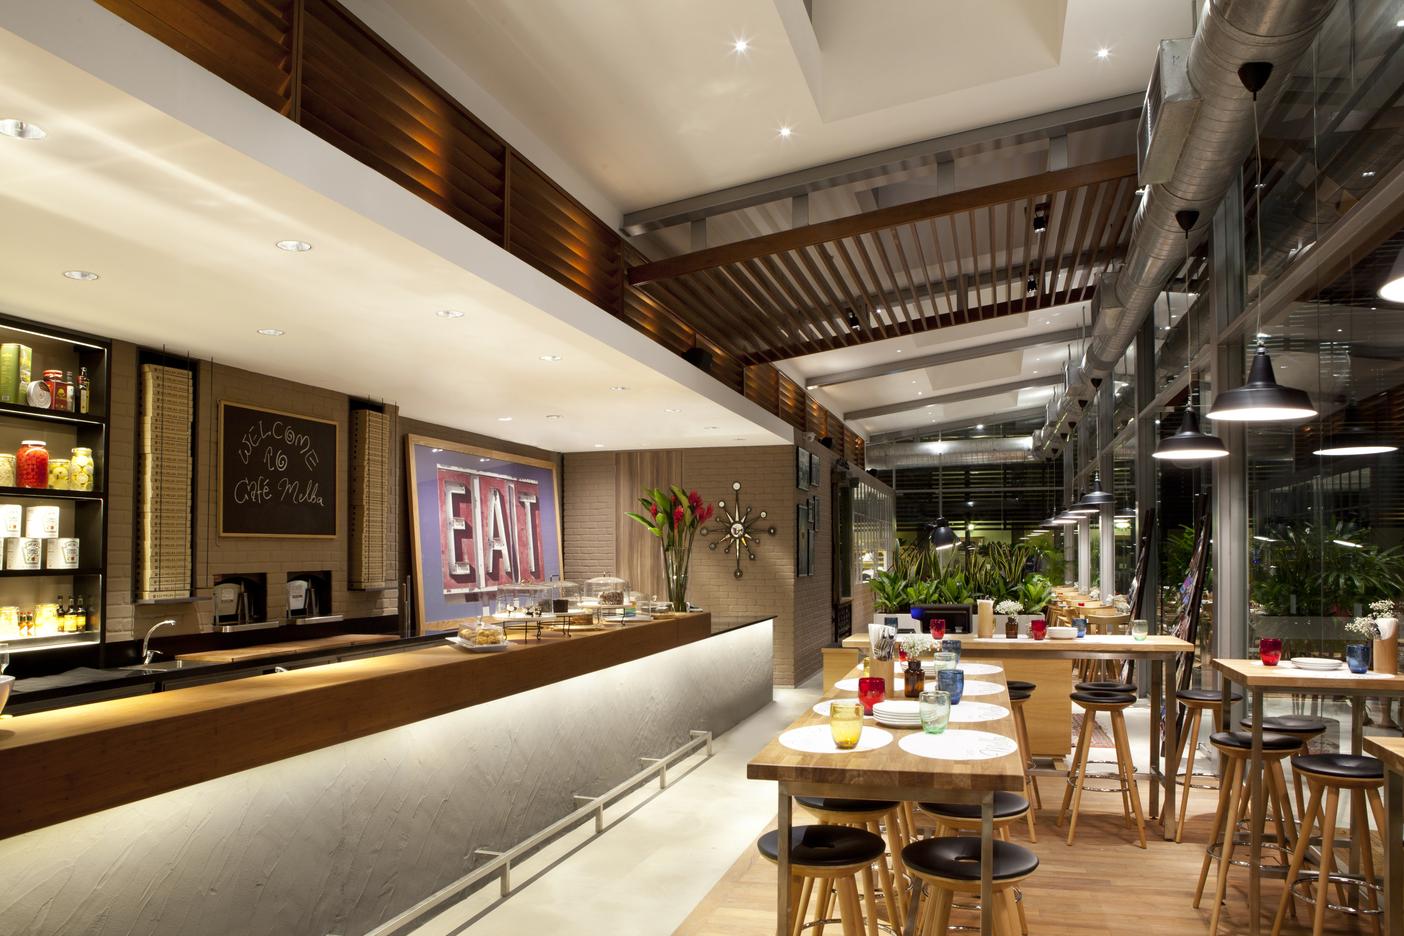 designphase dba - Cafe Melba 8